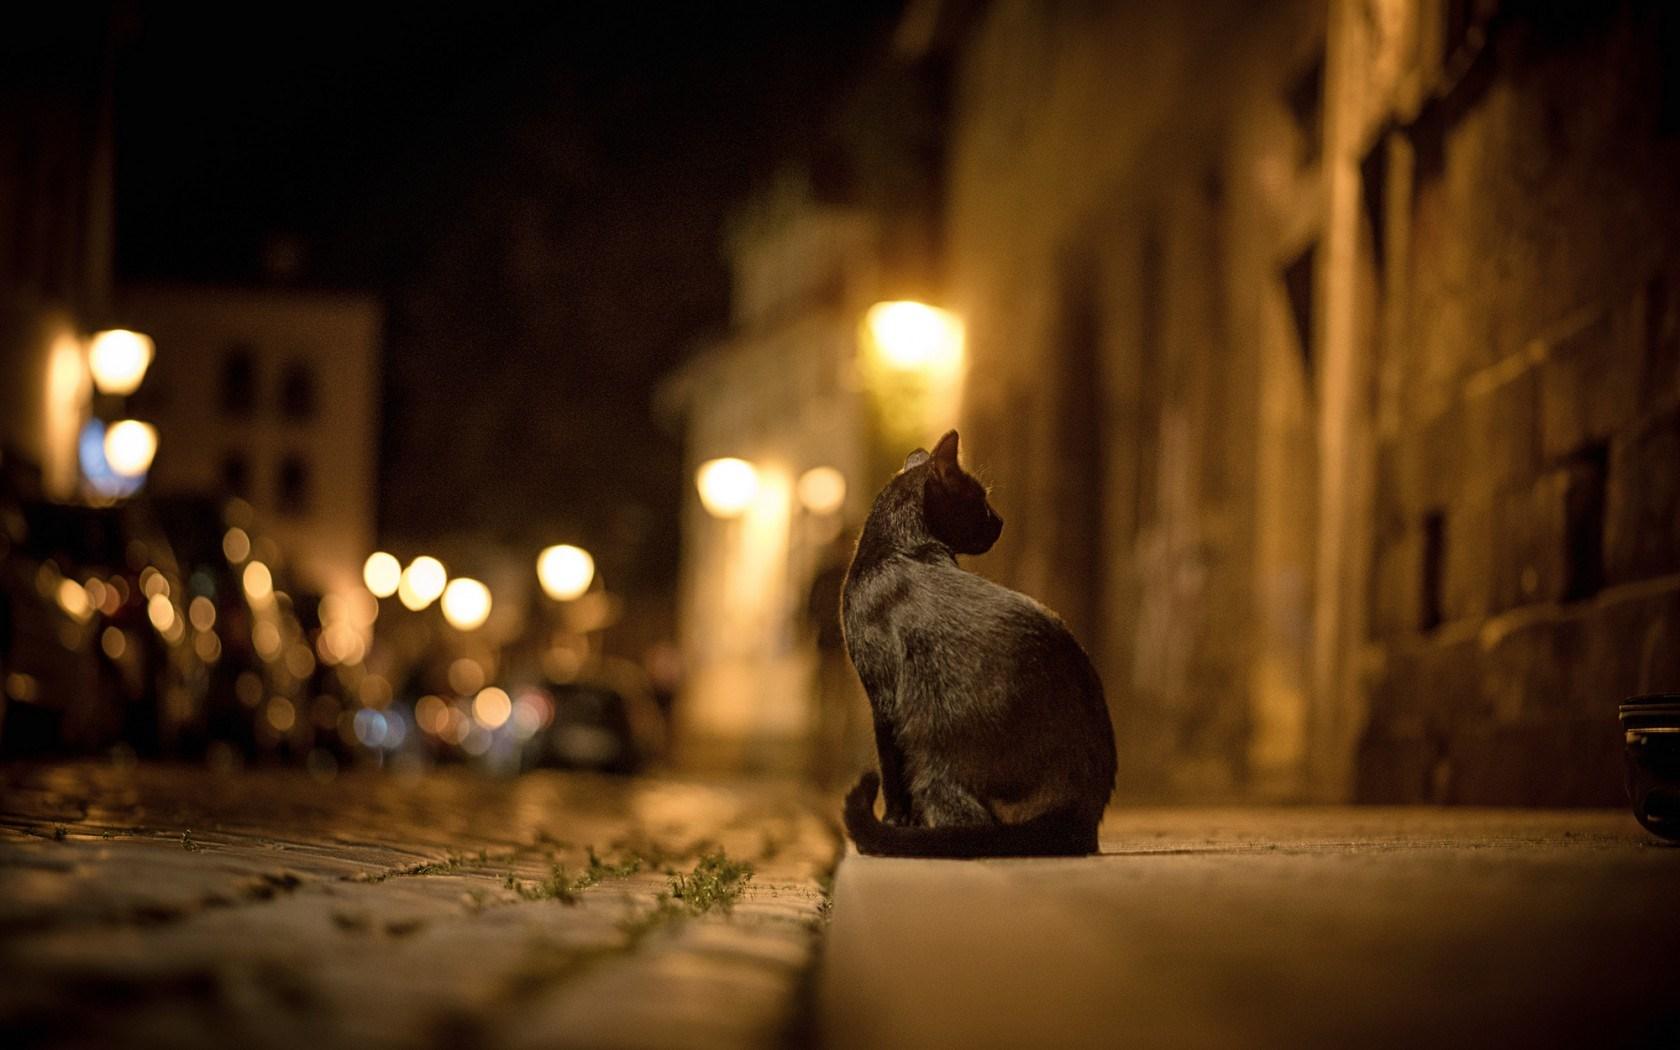 black cat night street light blur wallpaper 1680x1050